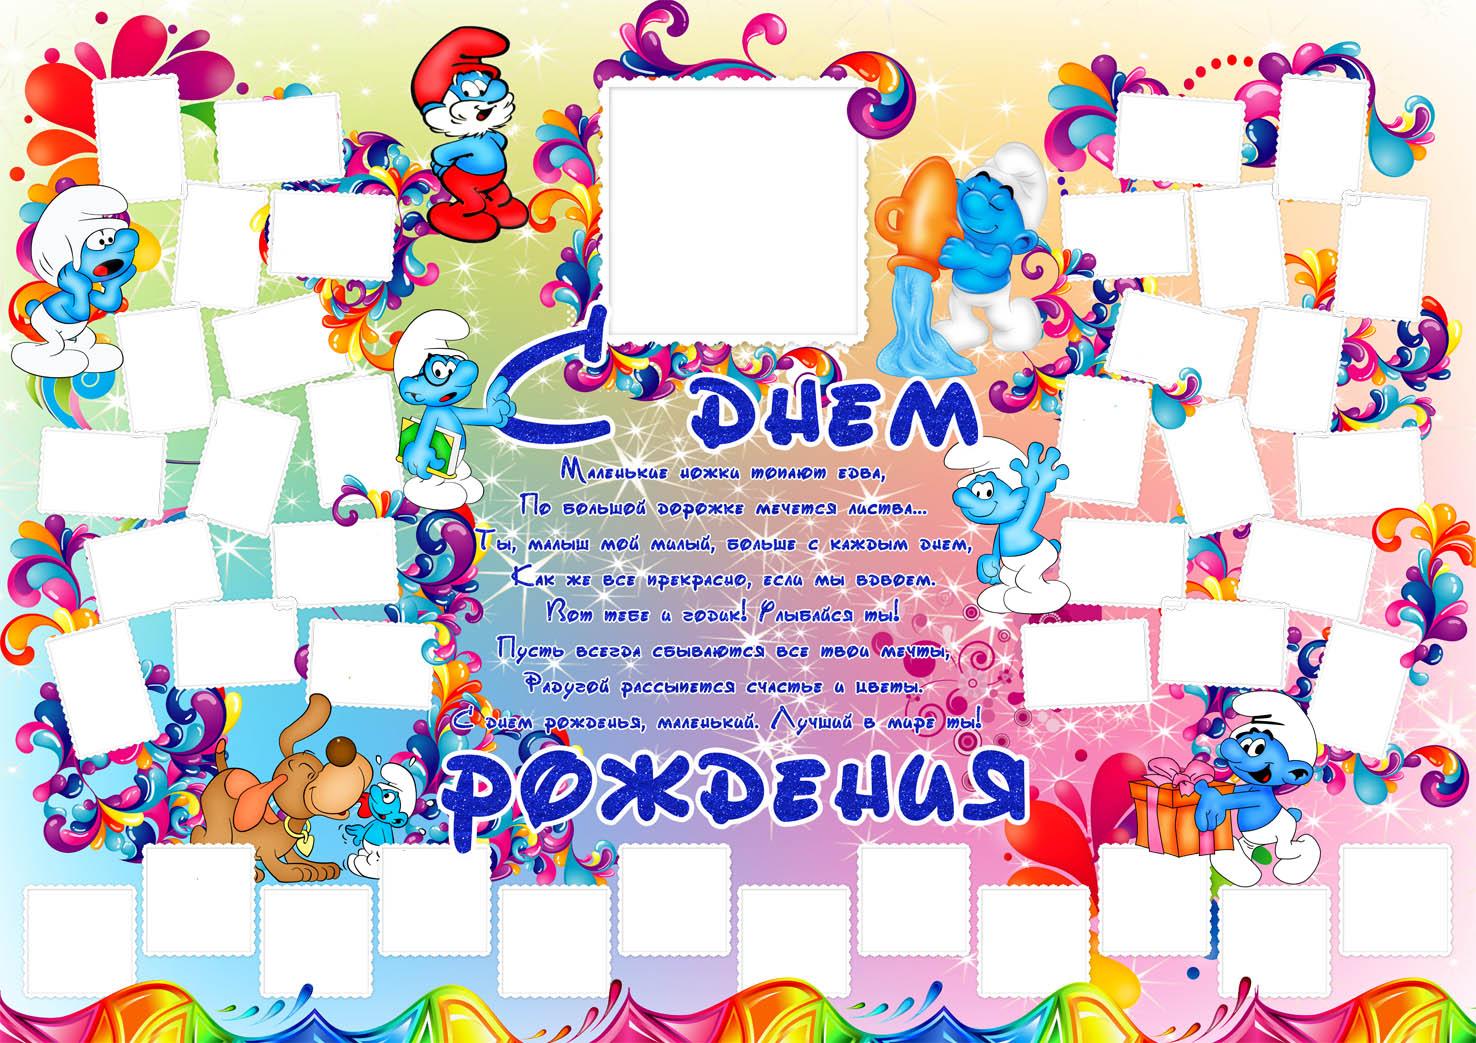 Плакат поздравление с днем рождения распечатать